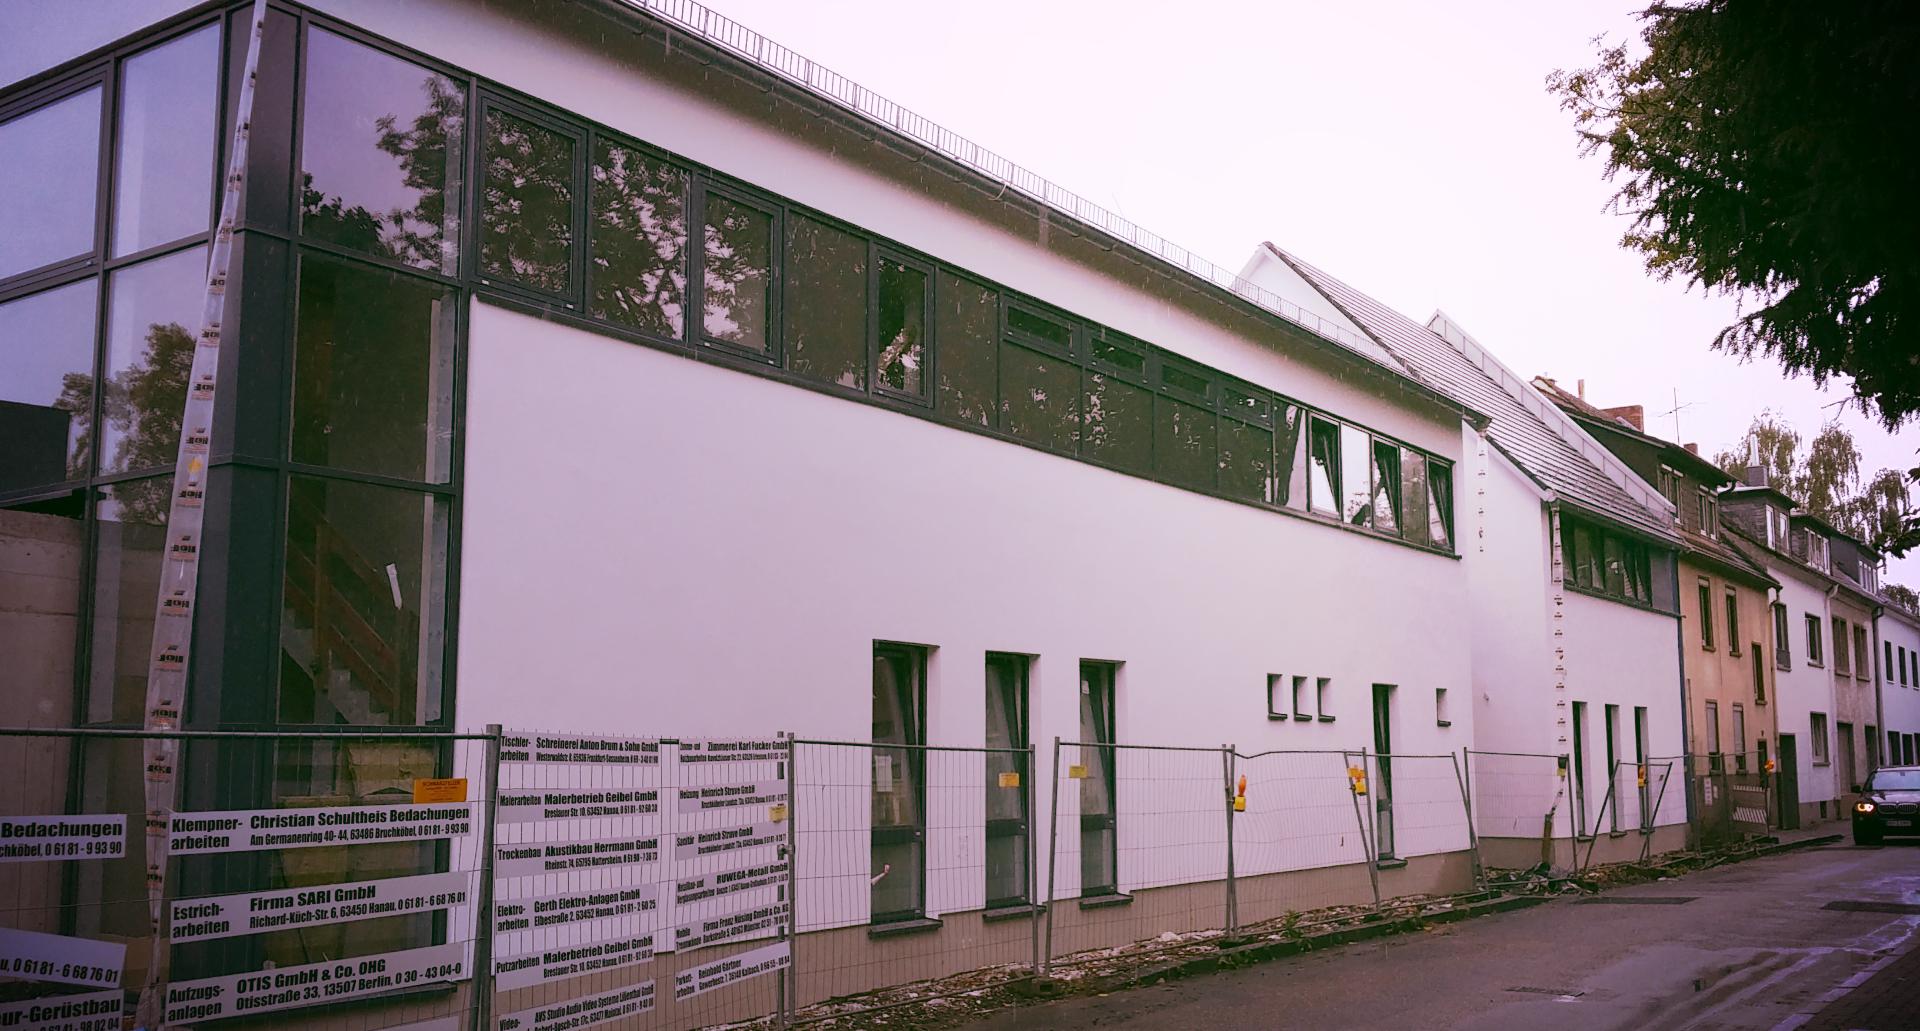 Gemeindezentrum Hanau